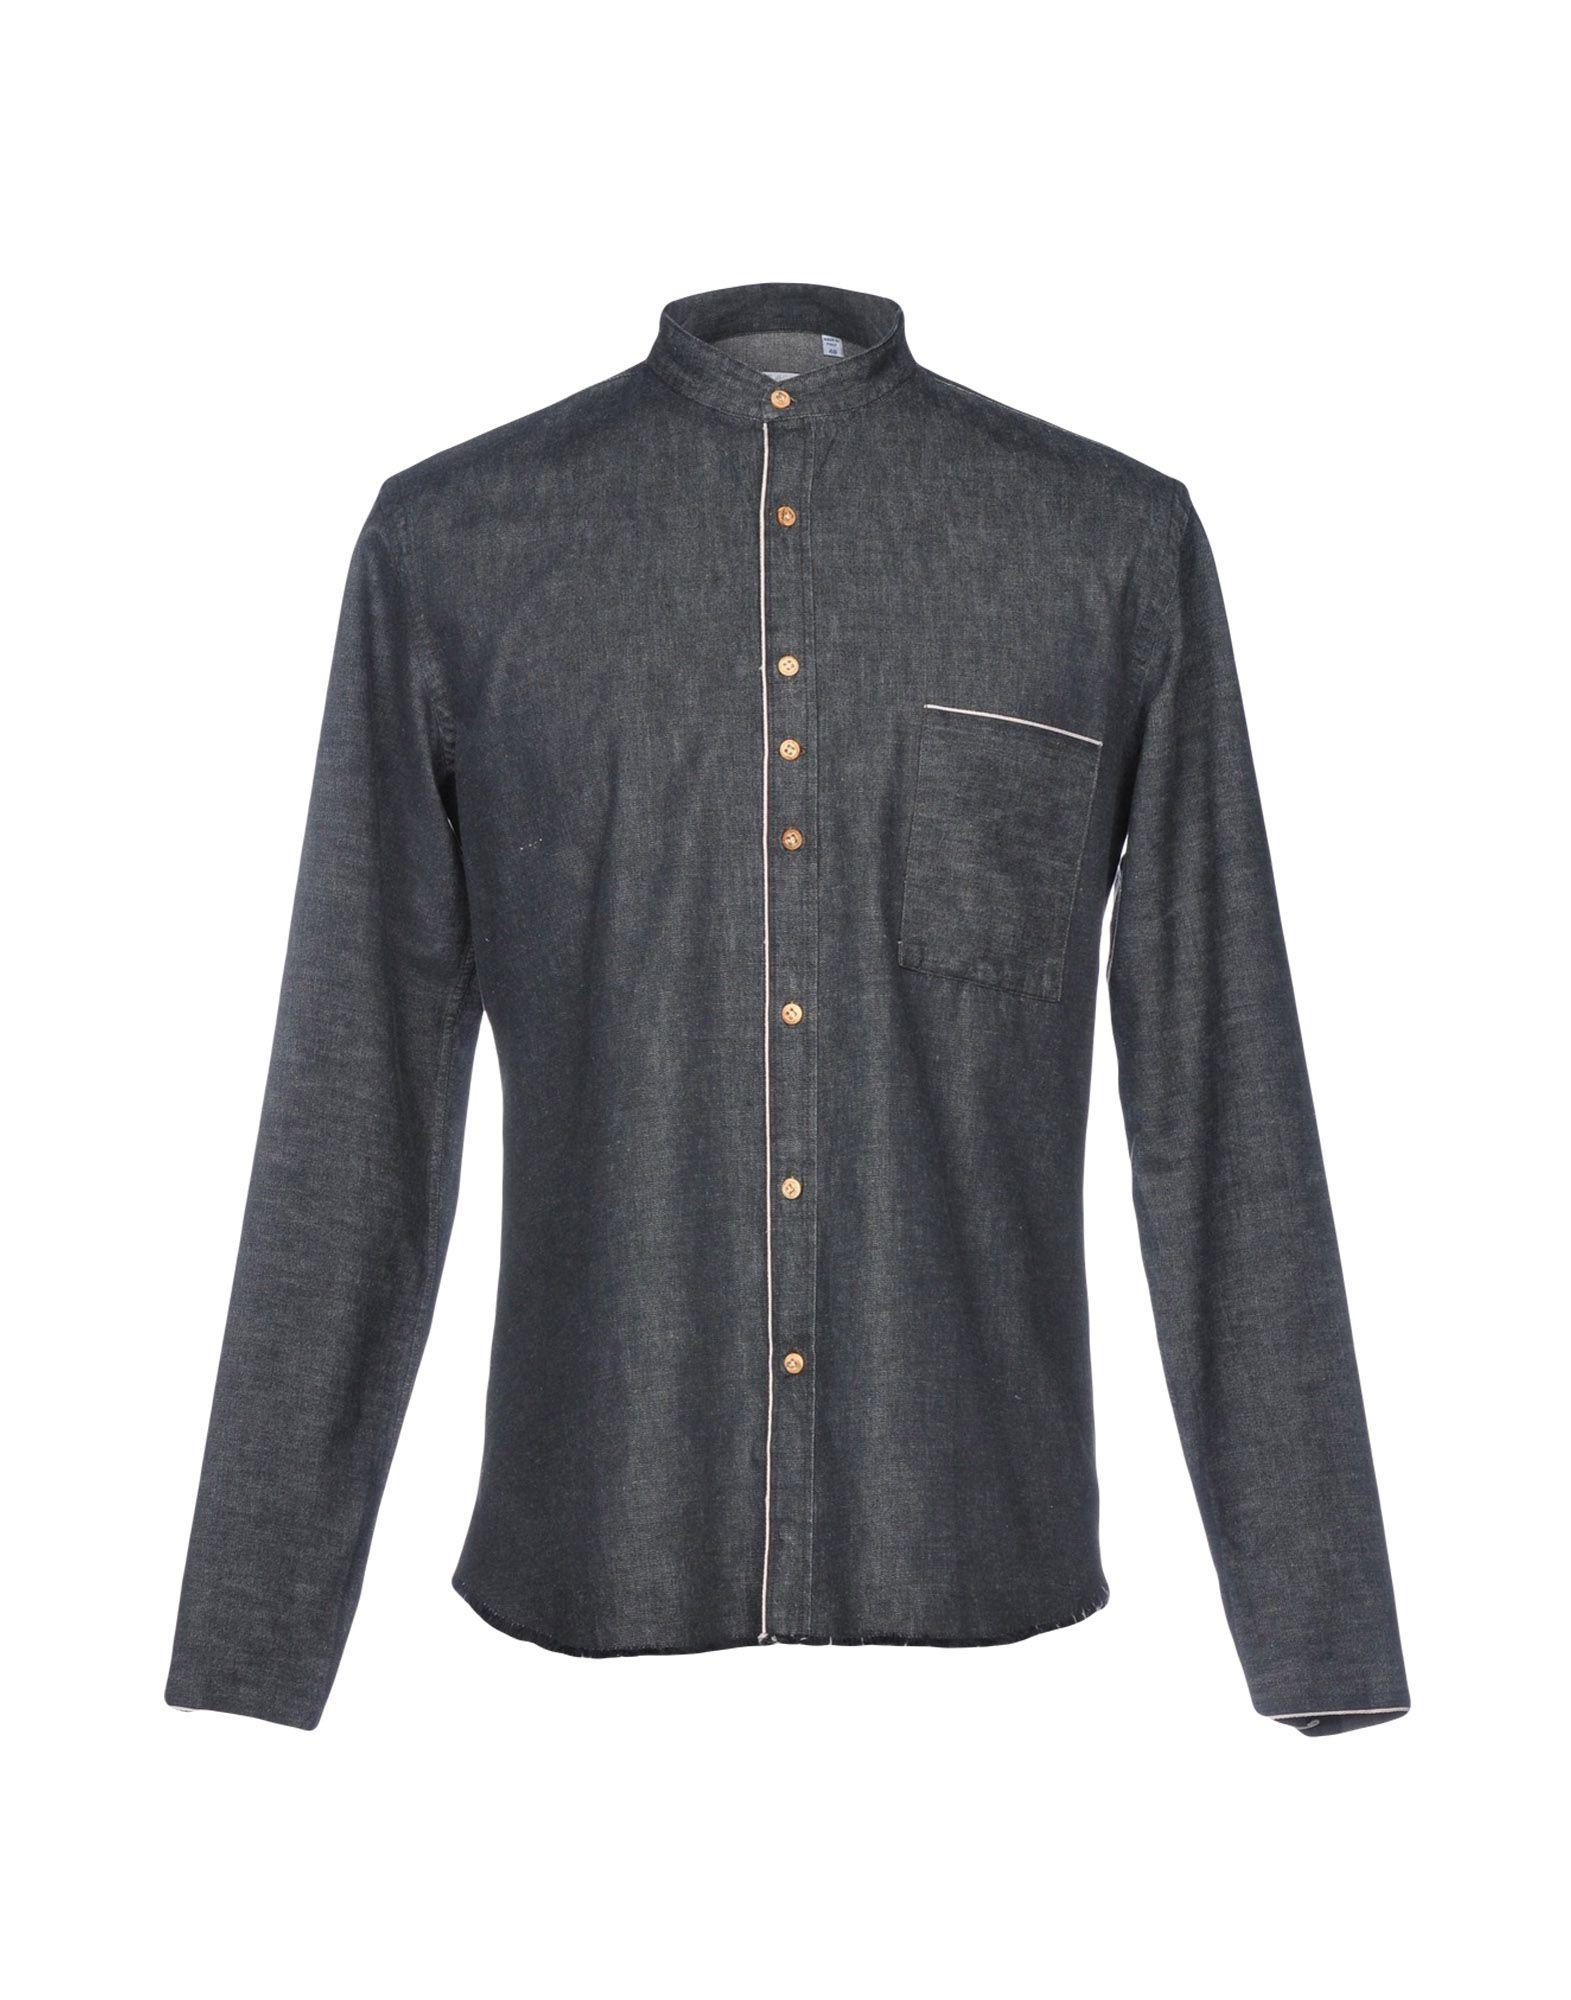 《送料無料》COSTUMEIN メンズ デニムシャツ ブラック 48 コットン 100%